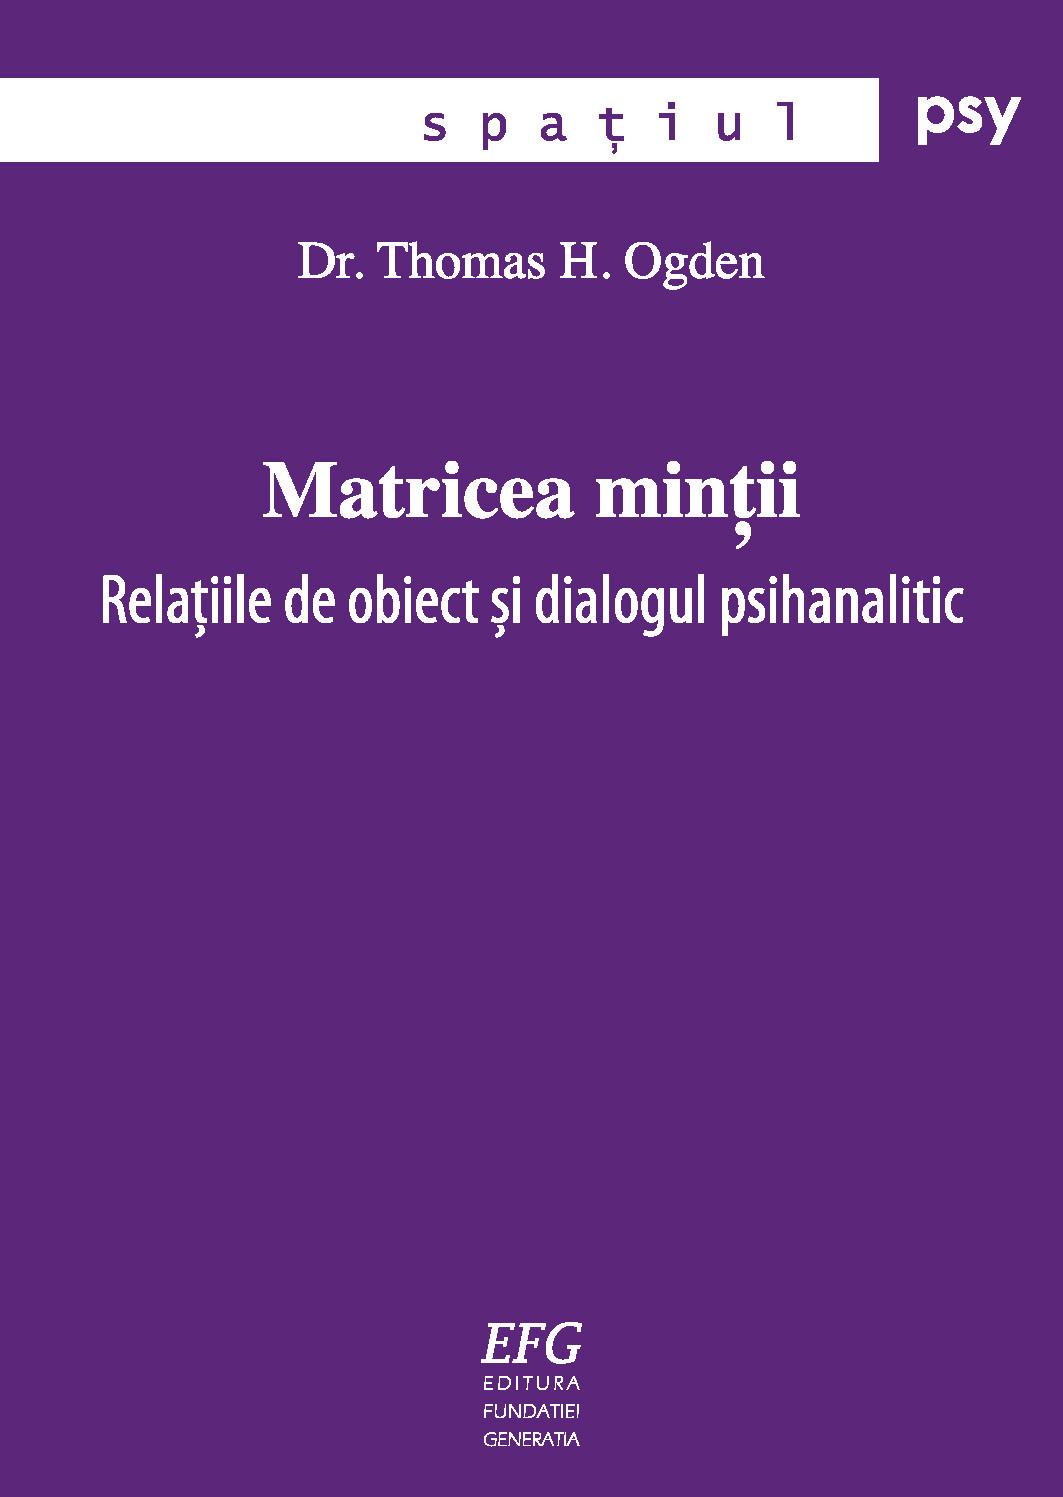 Matricea minții: Relațiile de obiect și dialogul psihanalitic